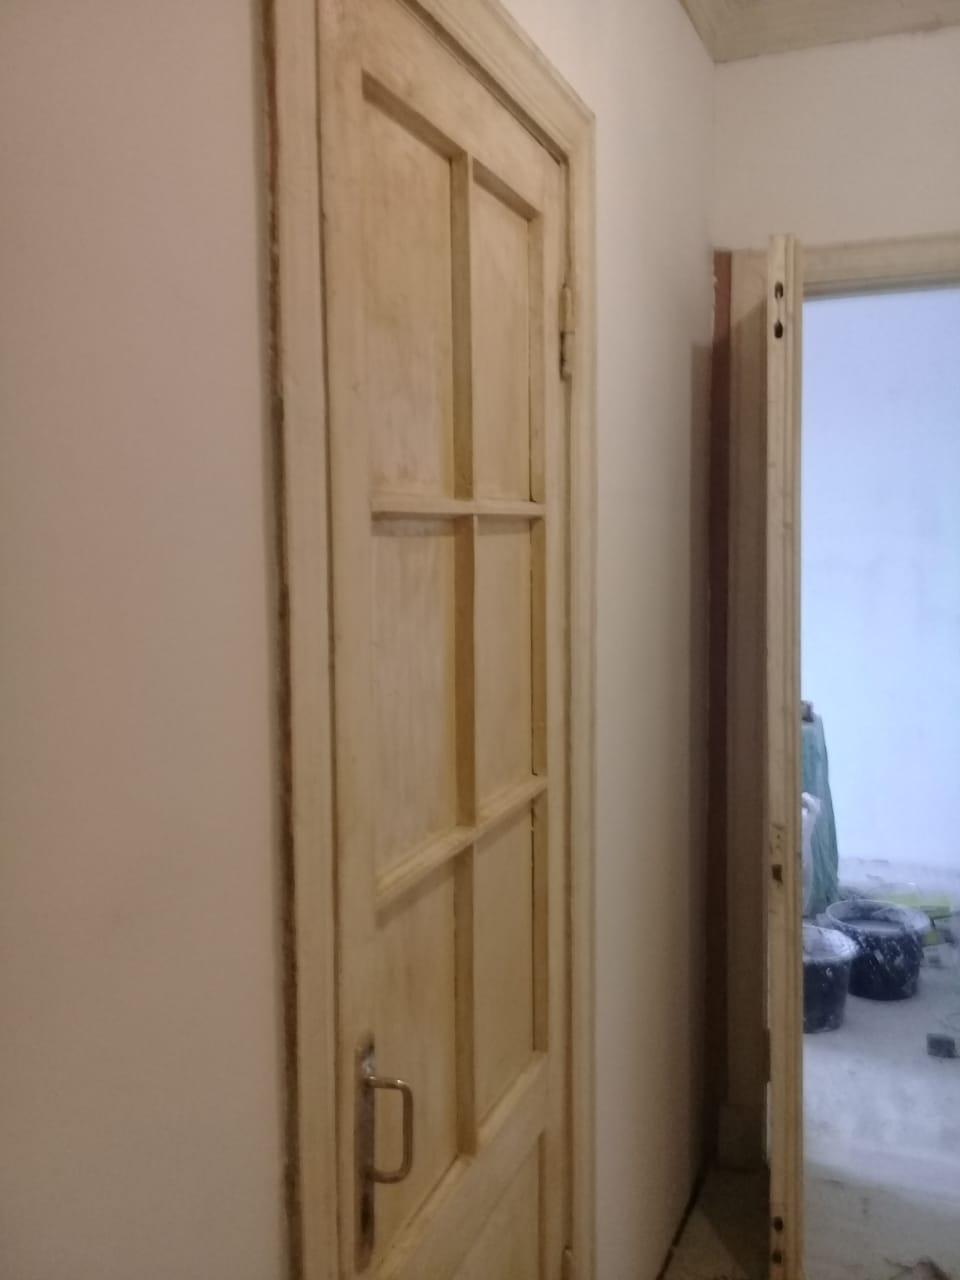 Ремонт квартиры Бульвар красных зорь 125 000 рублей